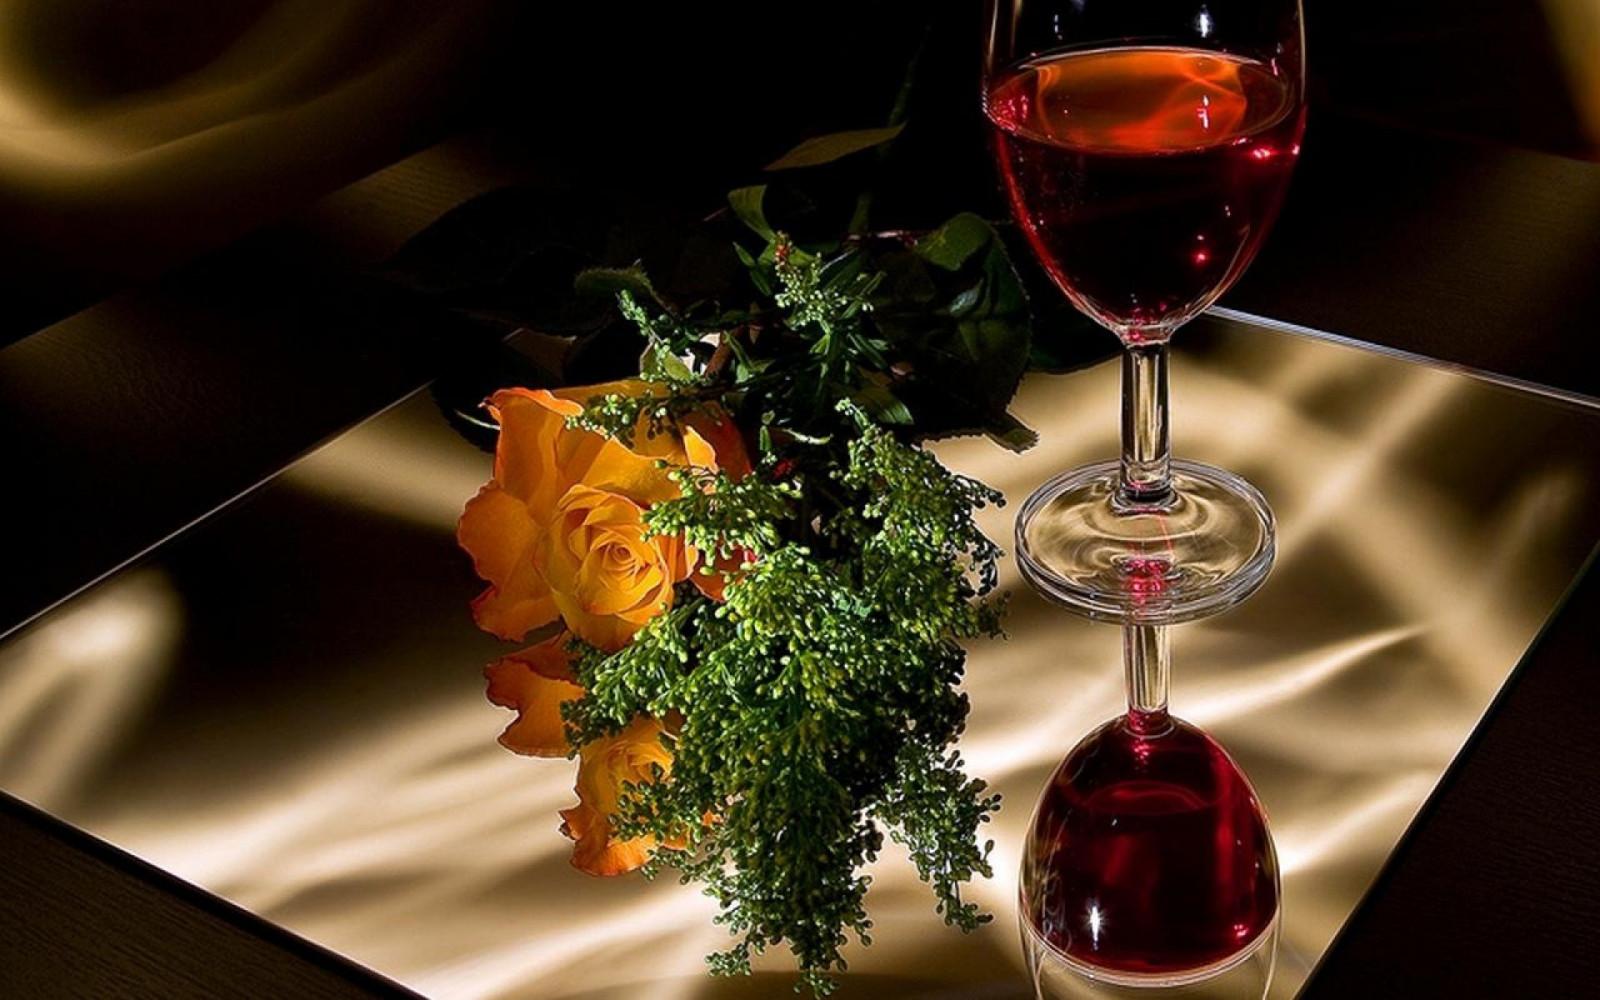 Картинки с бокалами вина со словами, петуха открытка